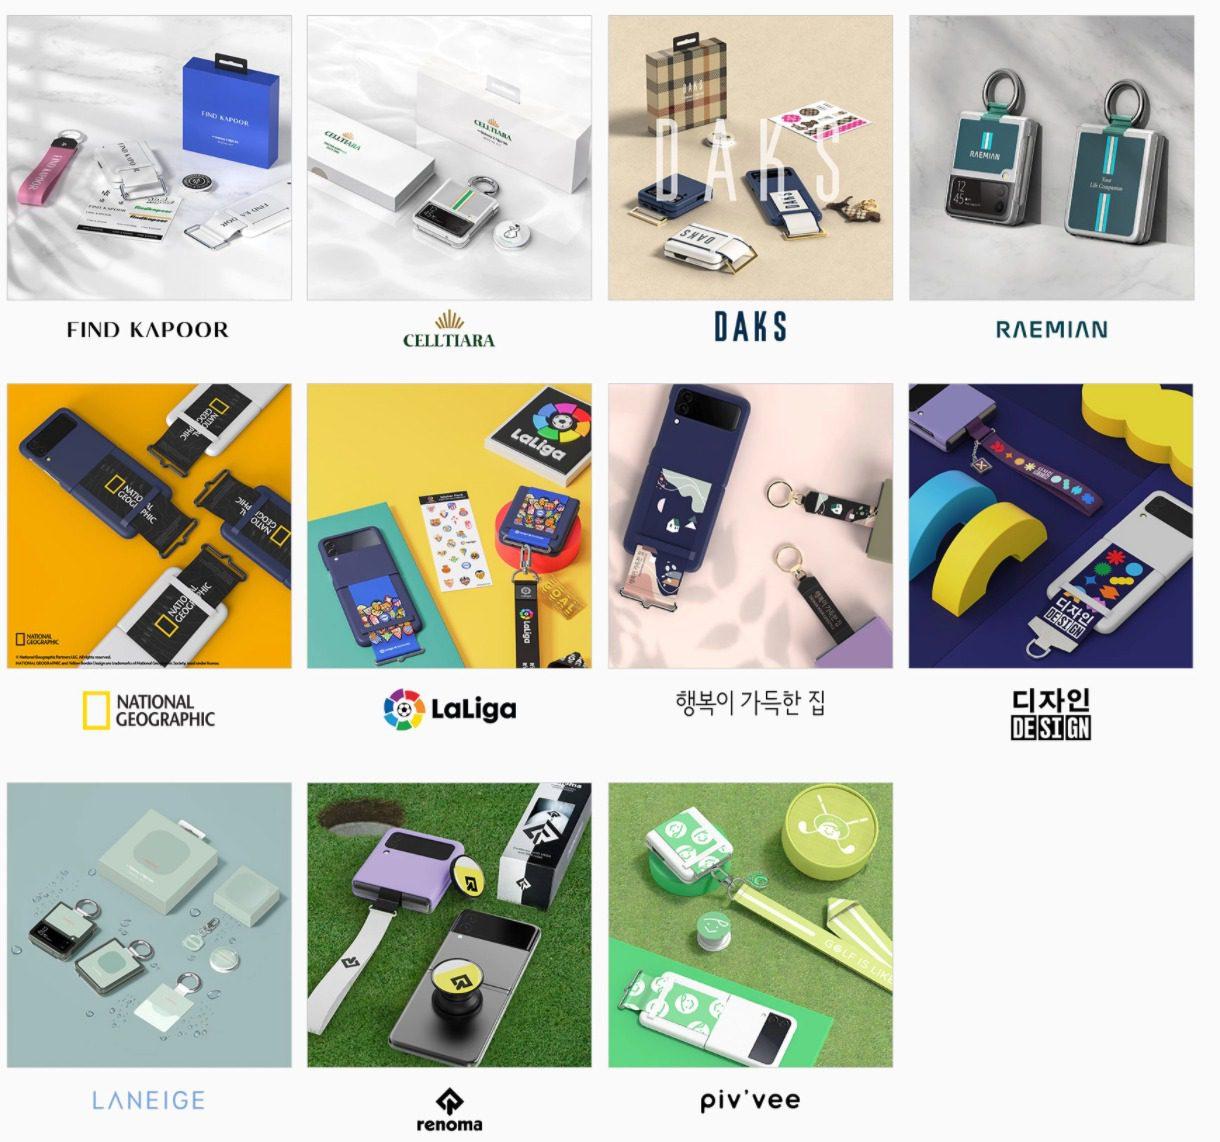 Captura web 21 8 2021 114929 www.samsung.com